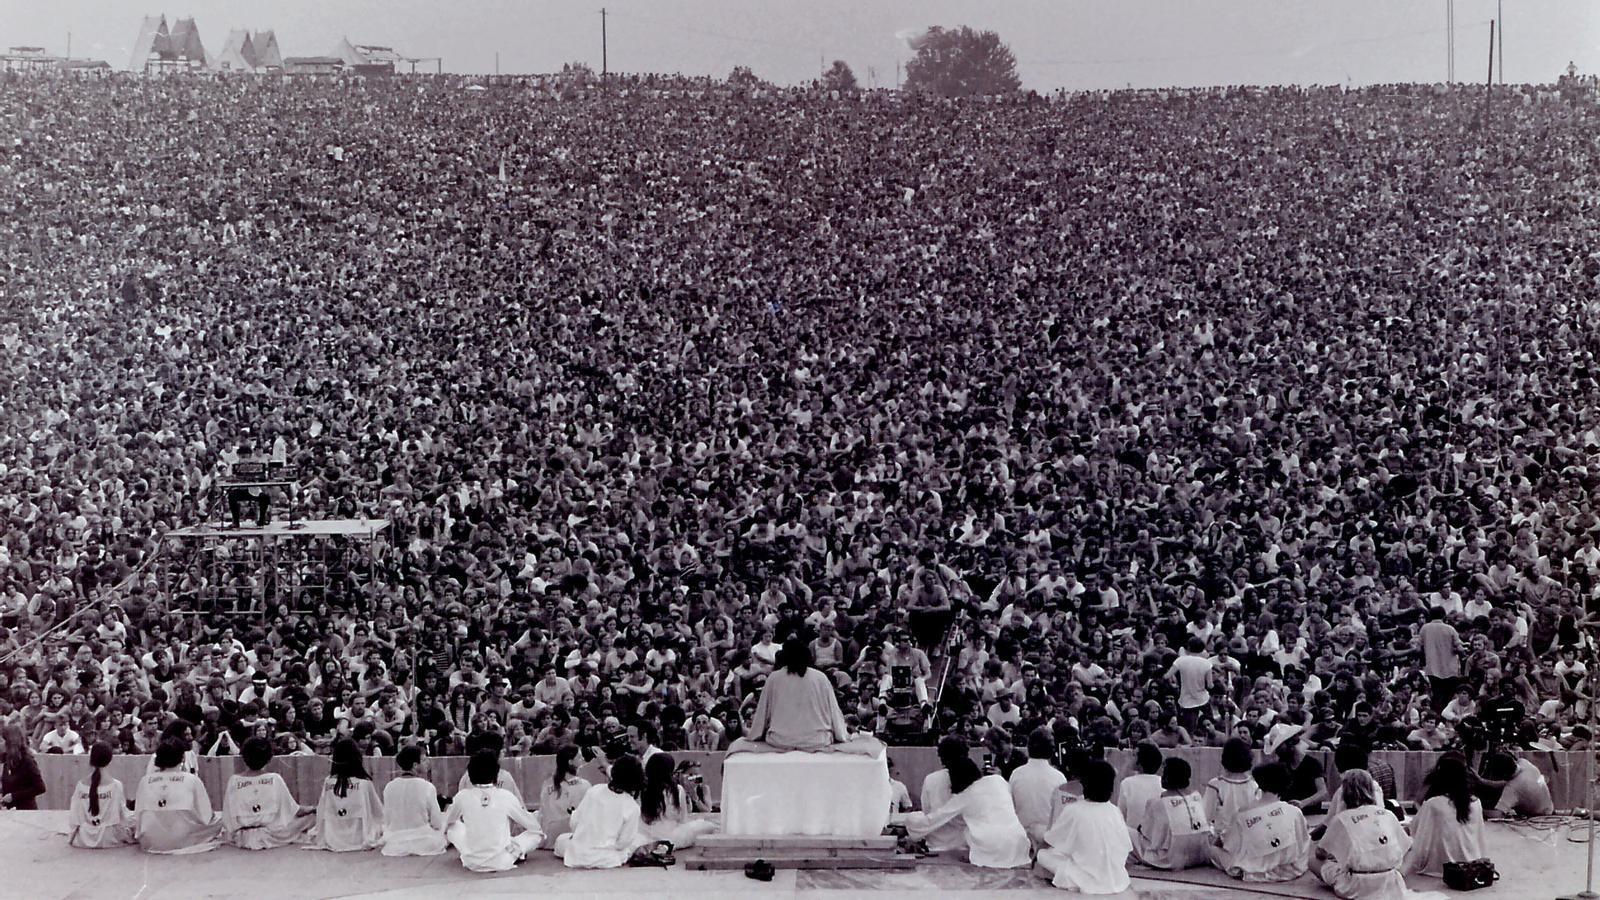 Woodstock celebrarà el 50è aniversari amb un festival de música a Nova York